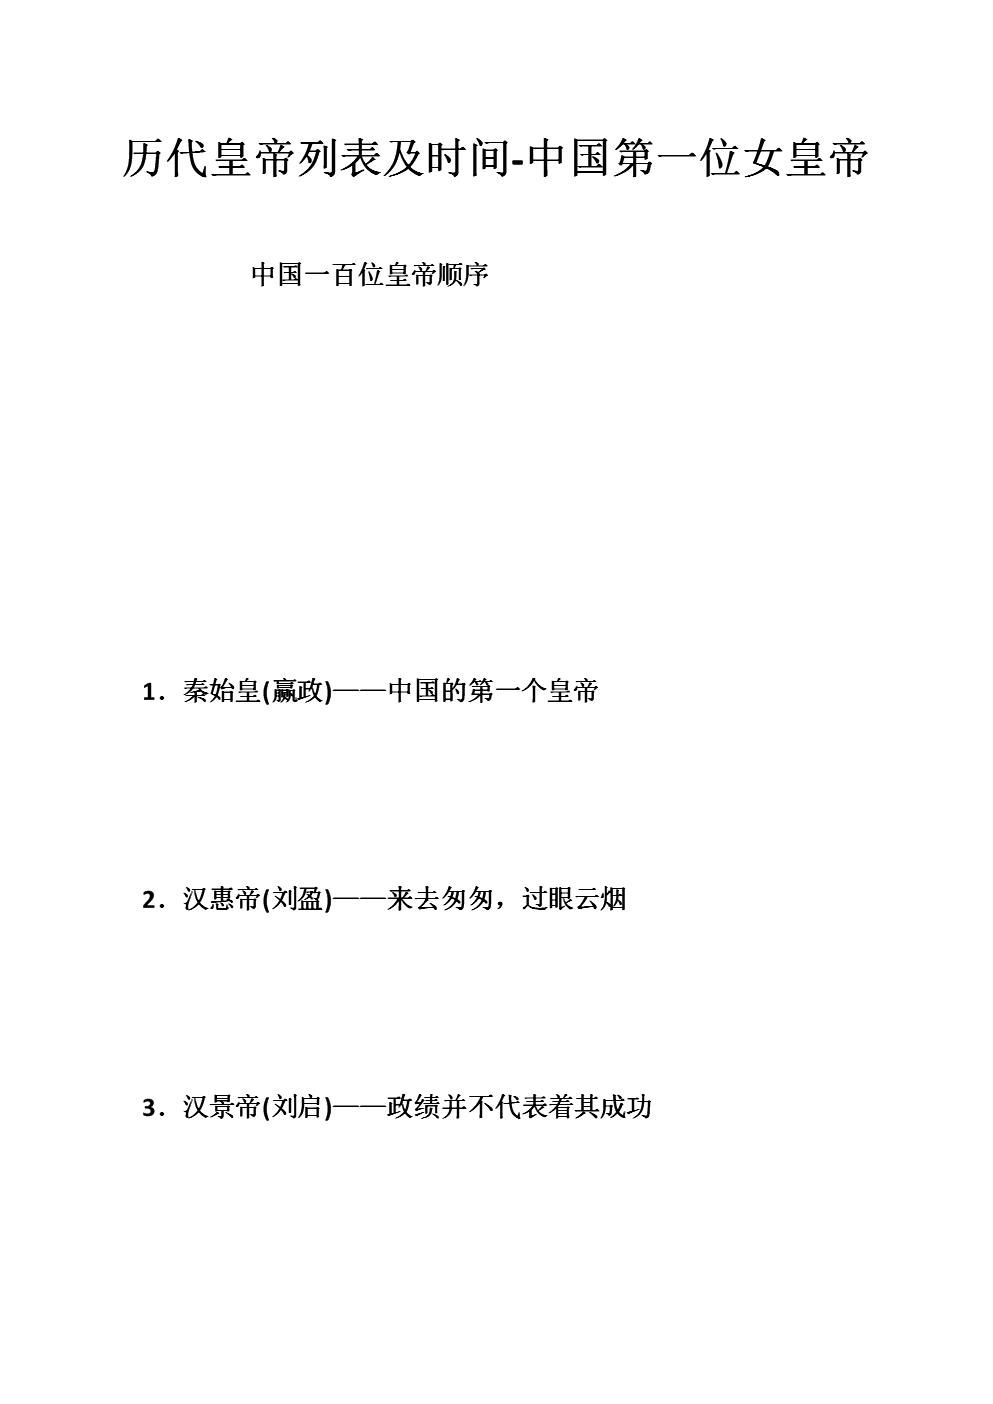 历代皇帝列表及时间-中国第一位女皇帝.doc